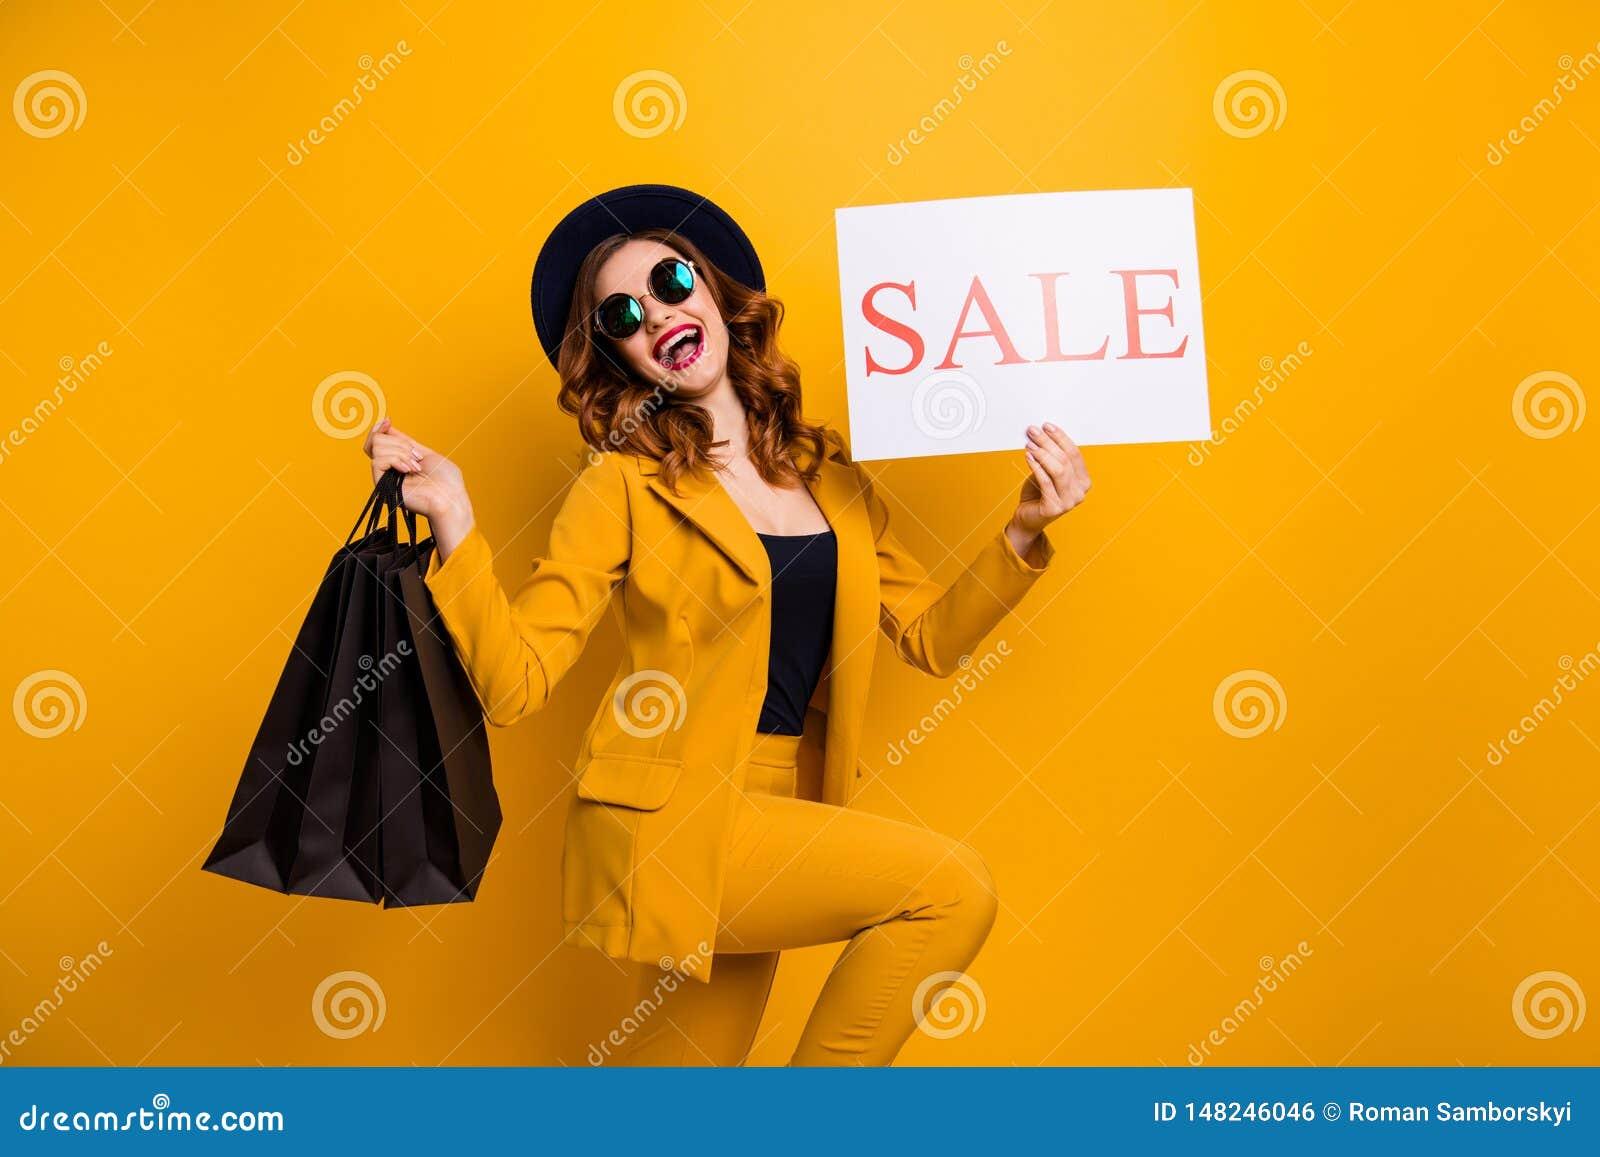 Buy low price essay